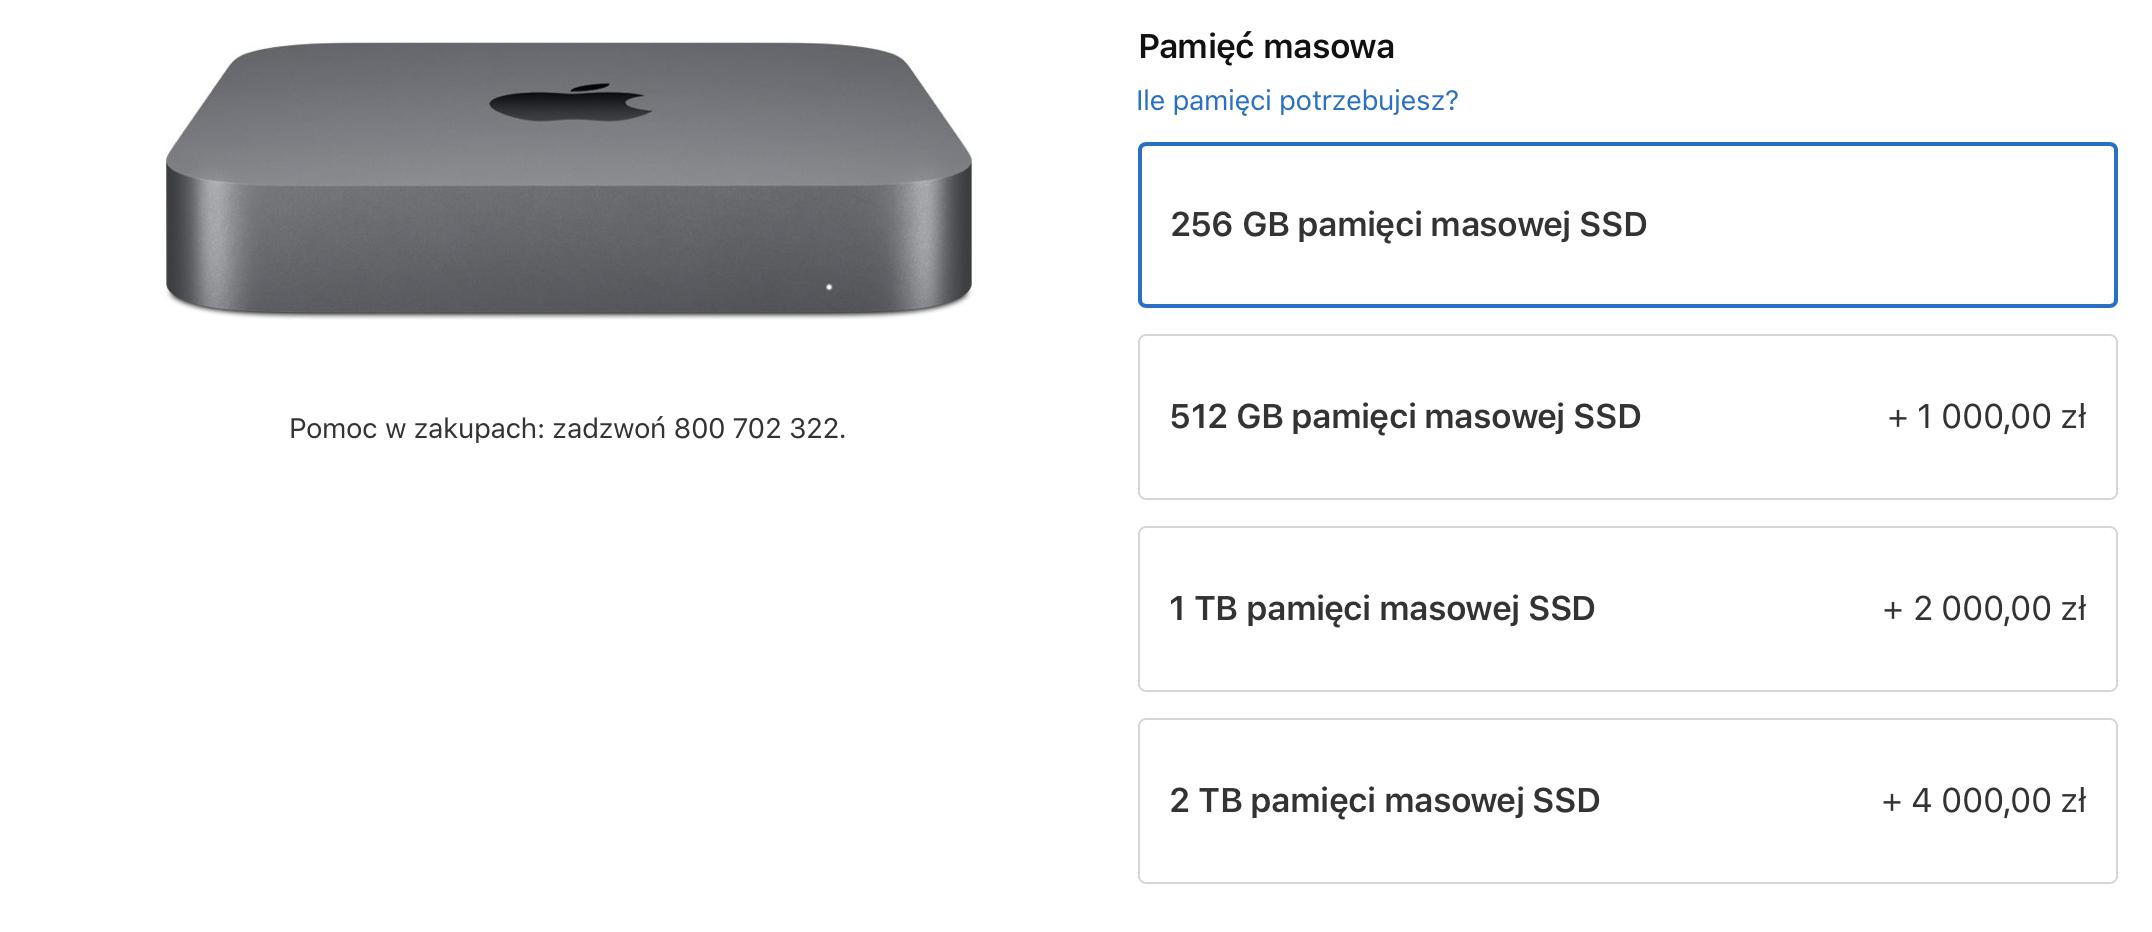 Apple wreszcie zrozumiało, że dysk 128 GB w komputerze to jednak za mało 17